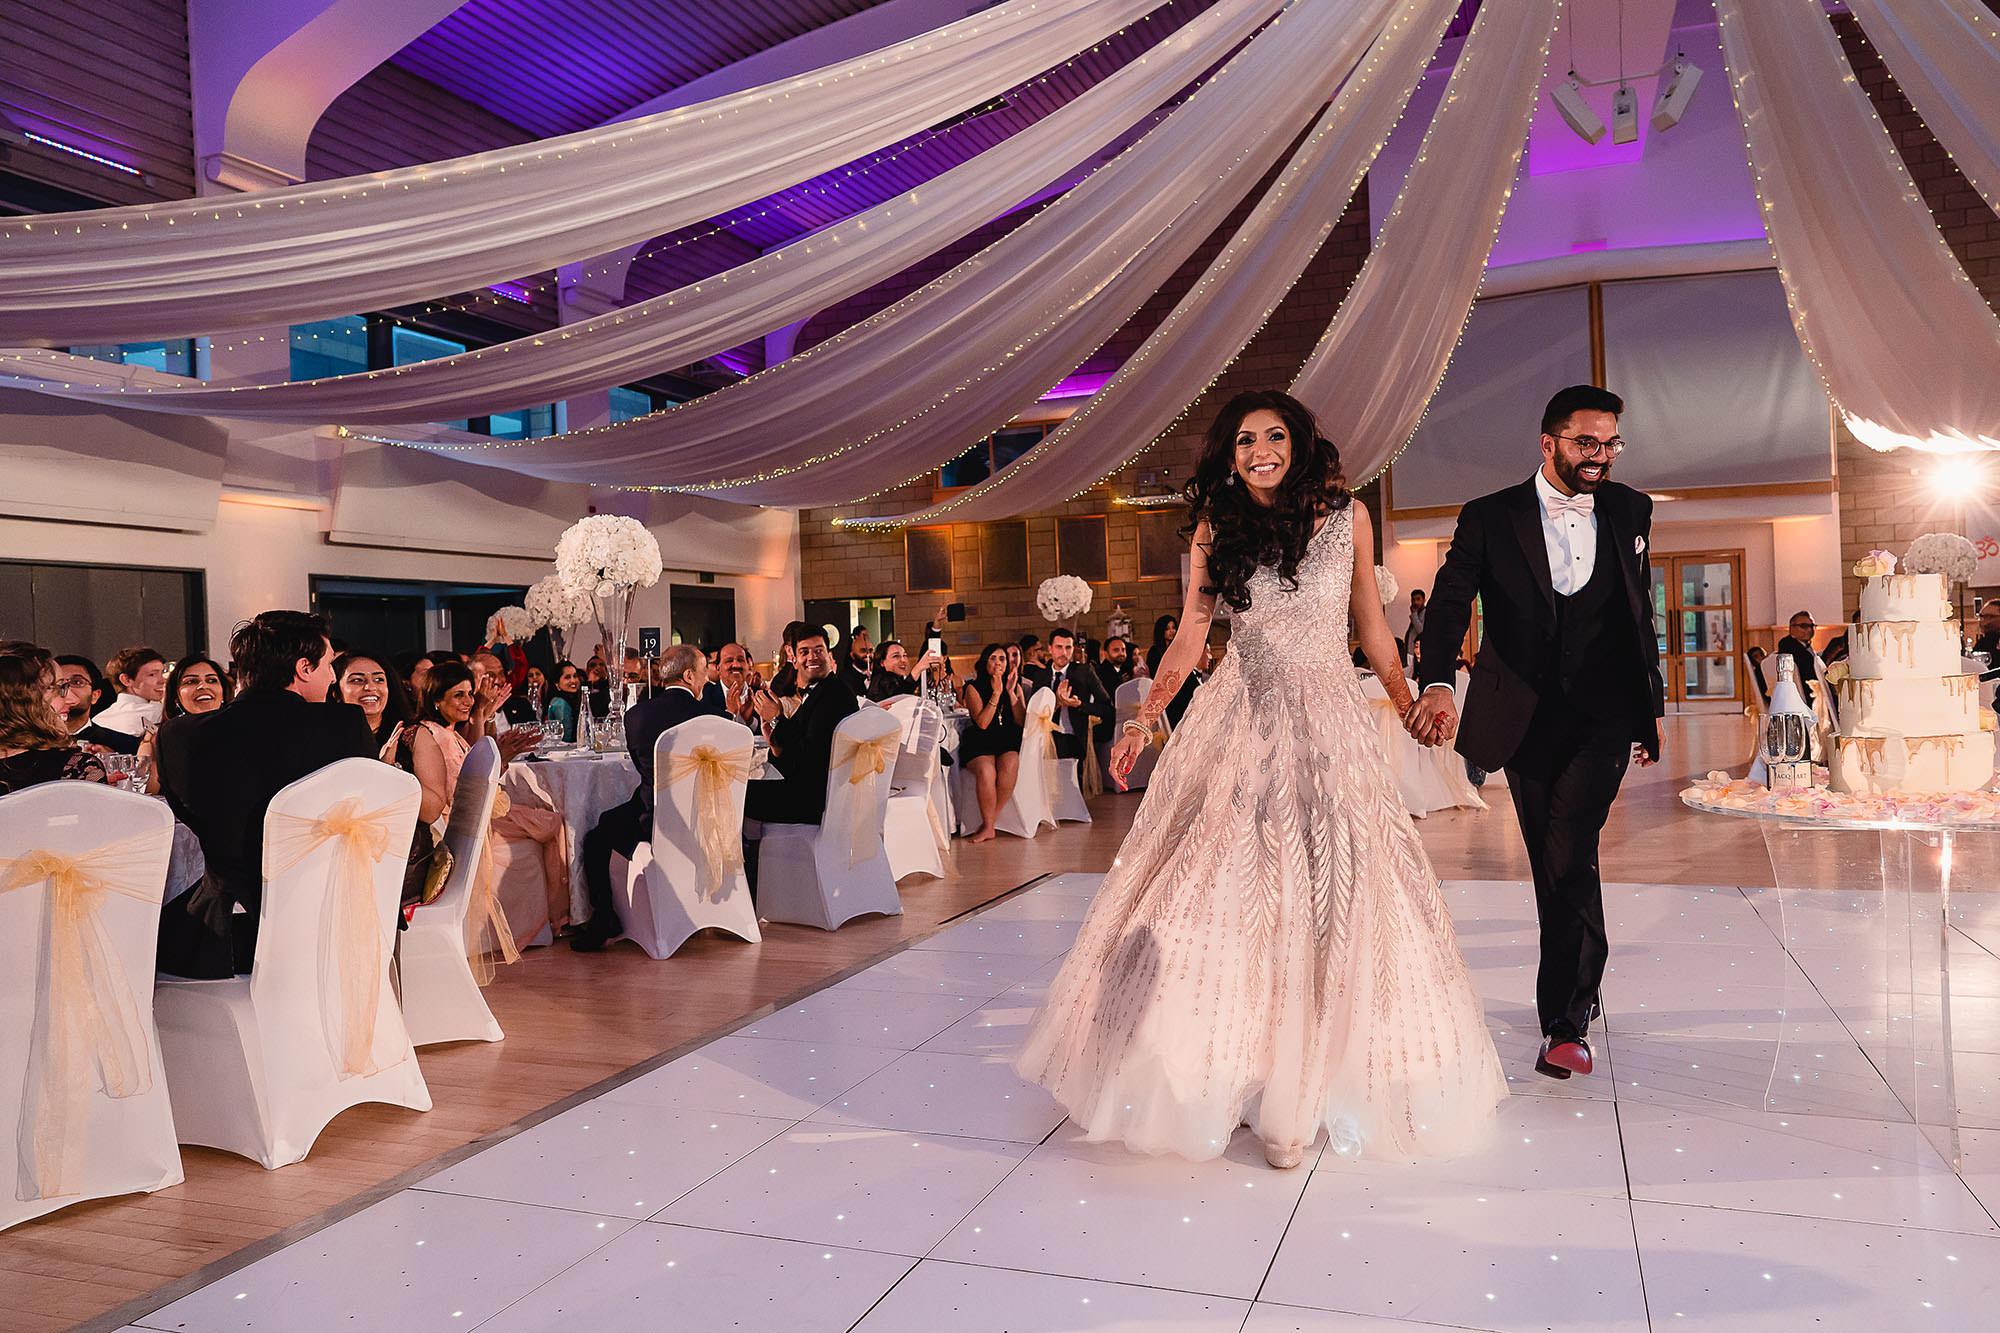 wedding couple entering their reception